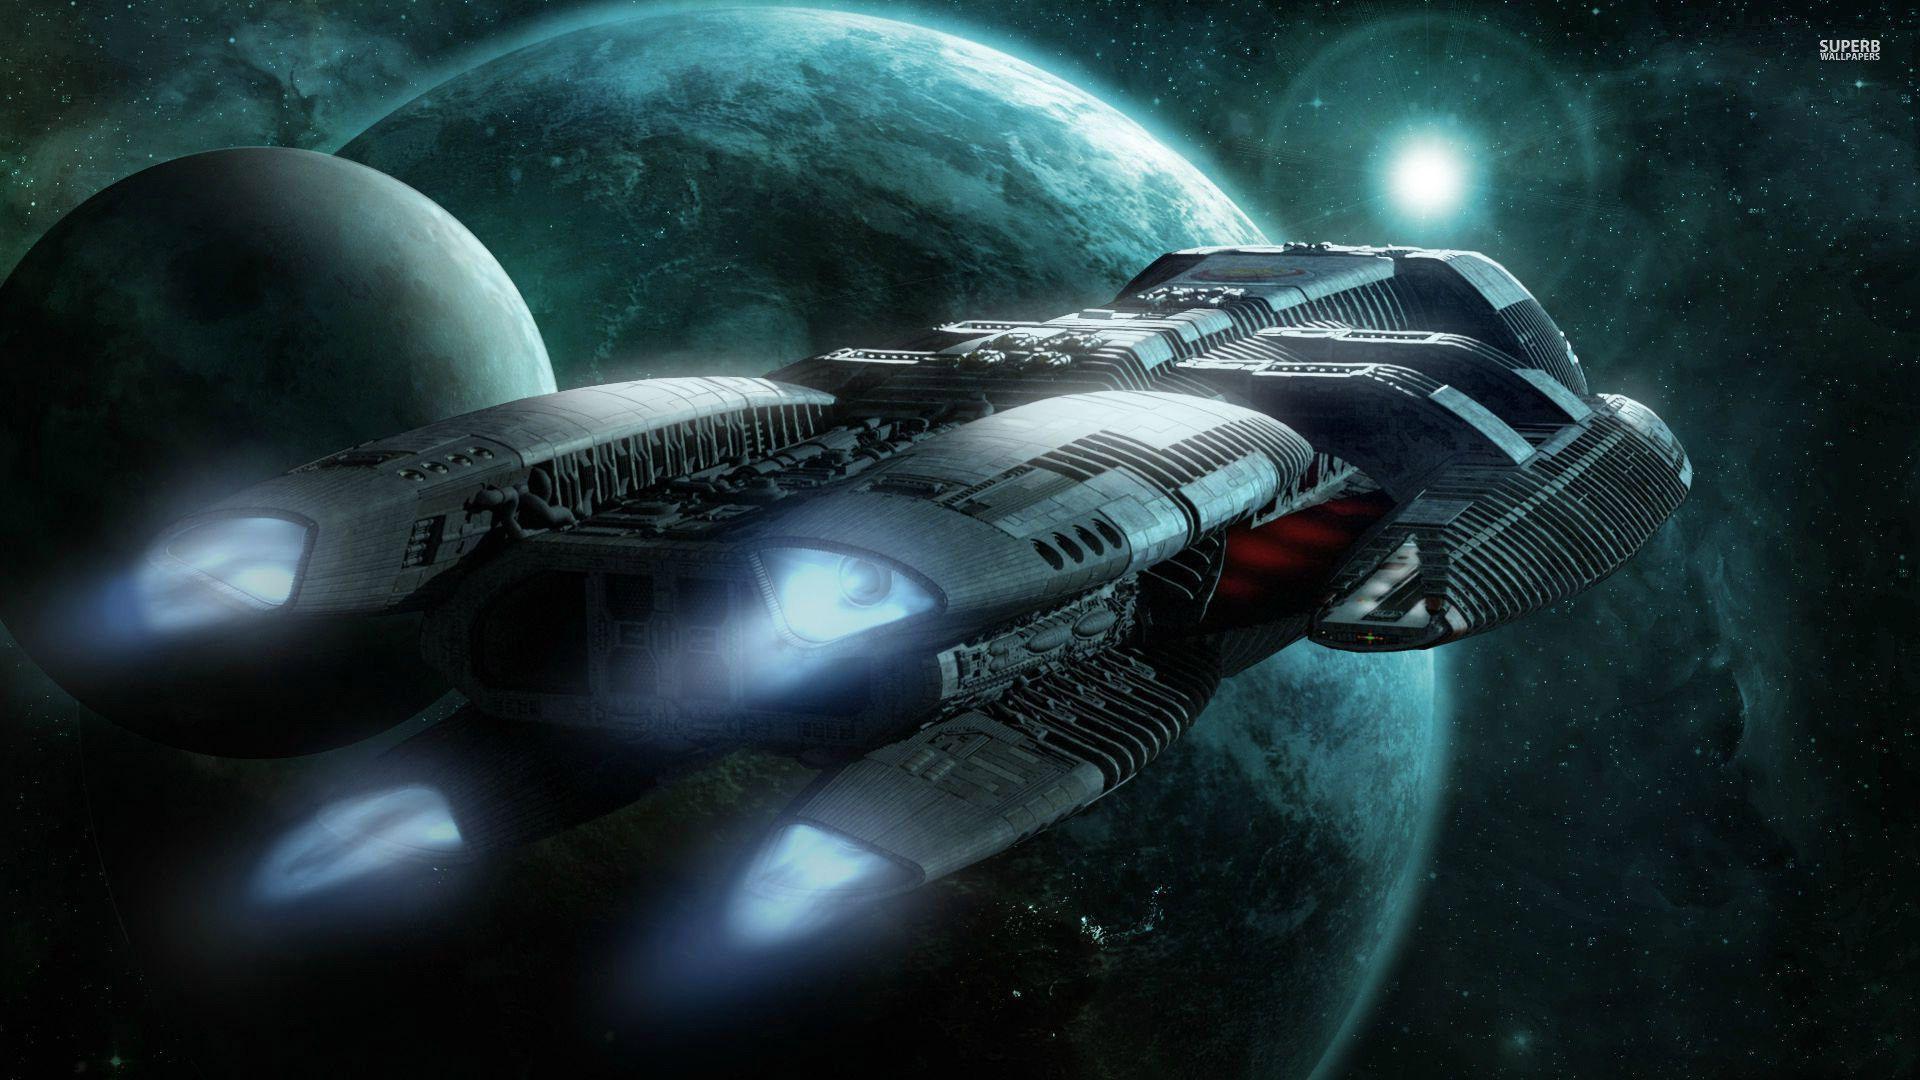 Battlestar Galactica Wallpapers